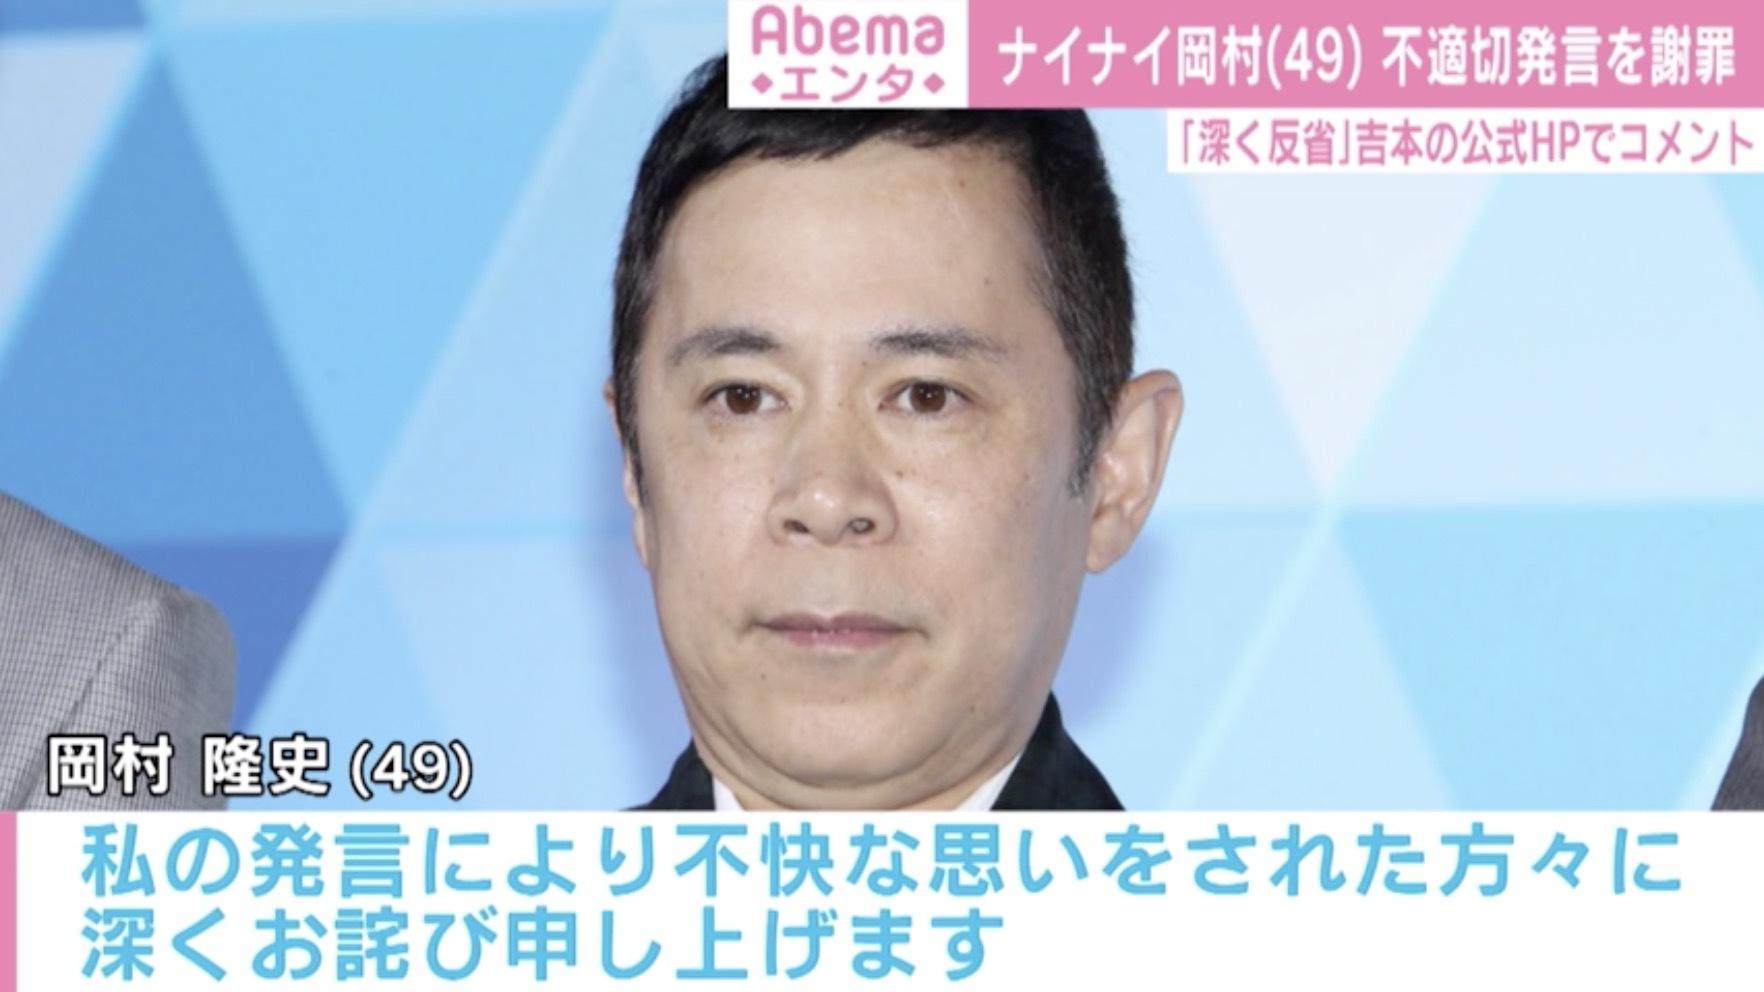 岡村隆史の発言マスコミのつまらない記事がウザい!